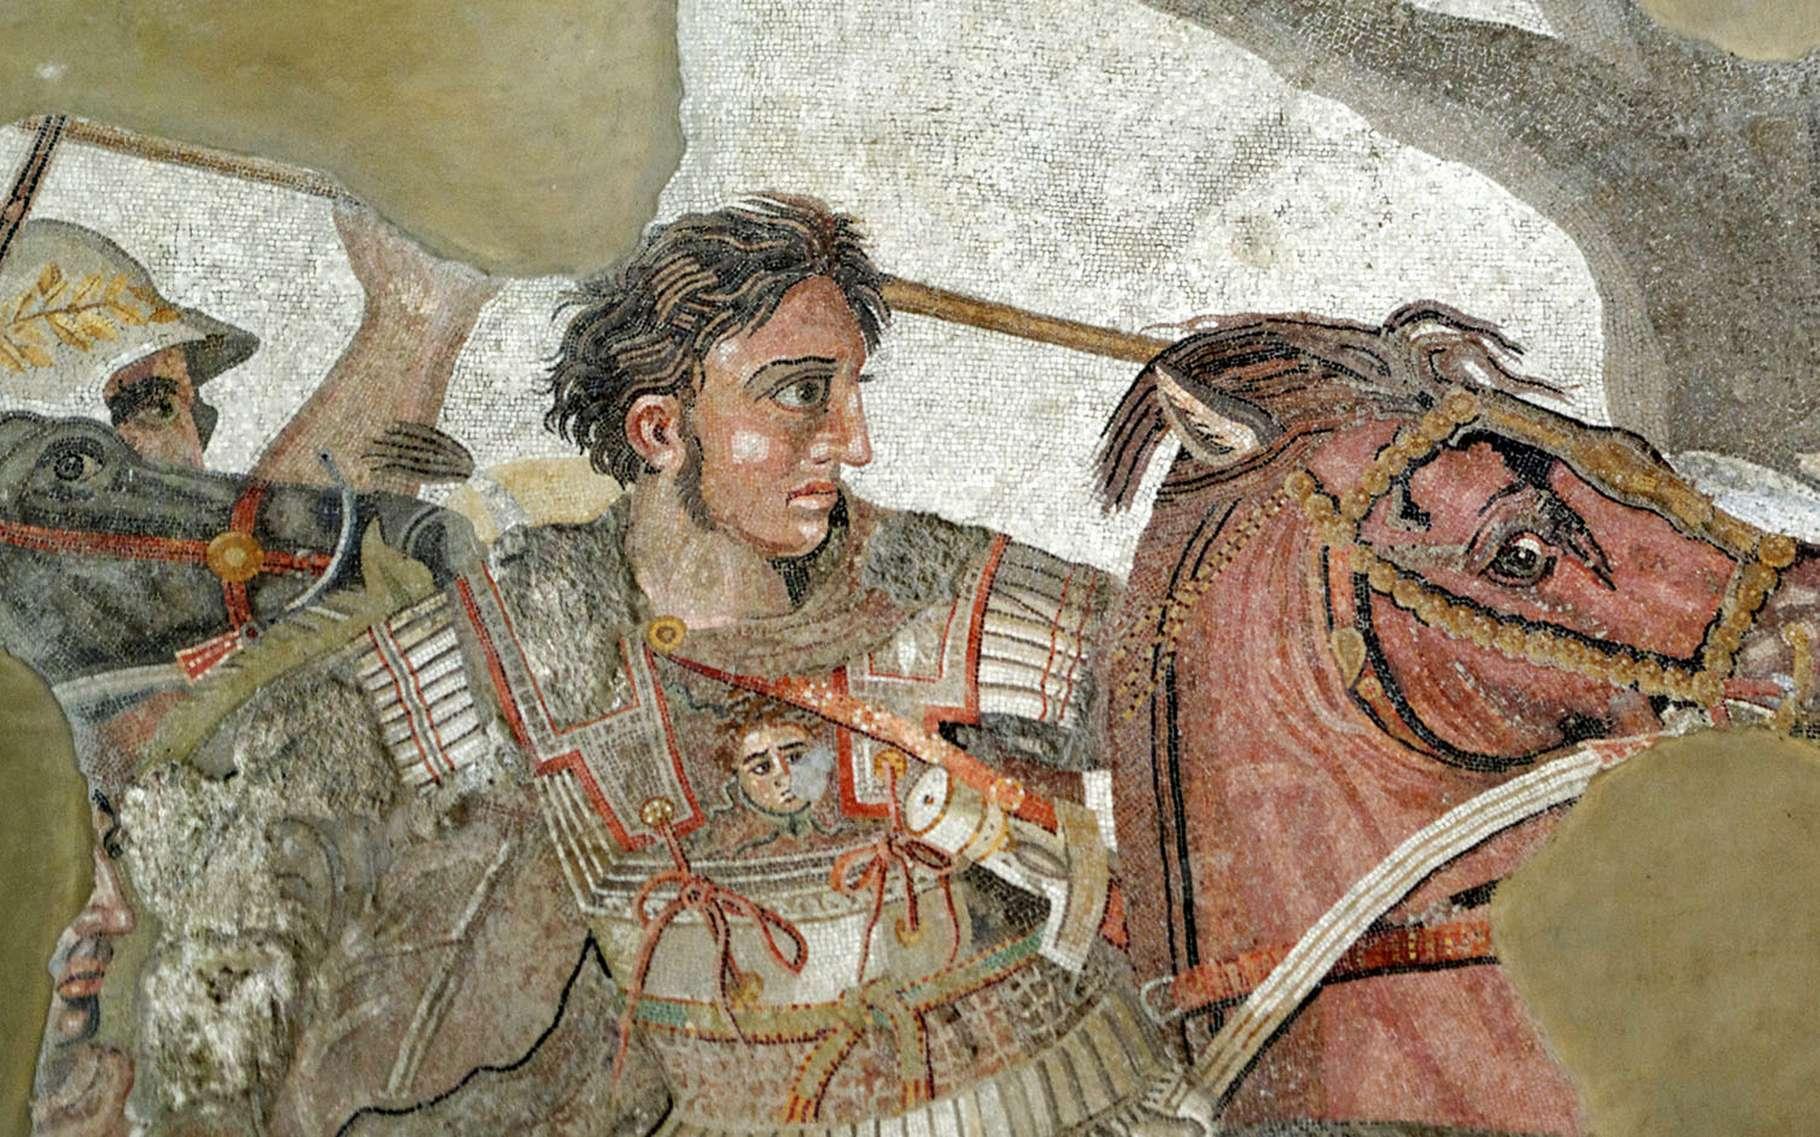 Détail de la mosaïque d'Alexandre le Grand, Musée archéologique de Naples. © Wikimedia commons, DP